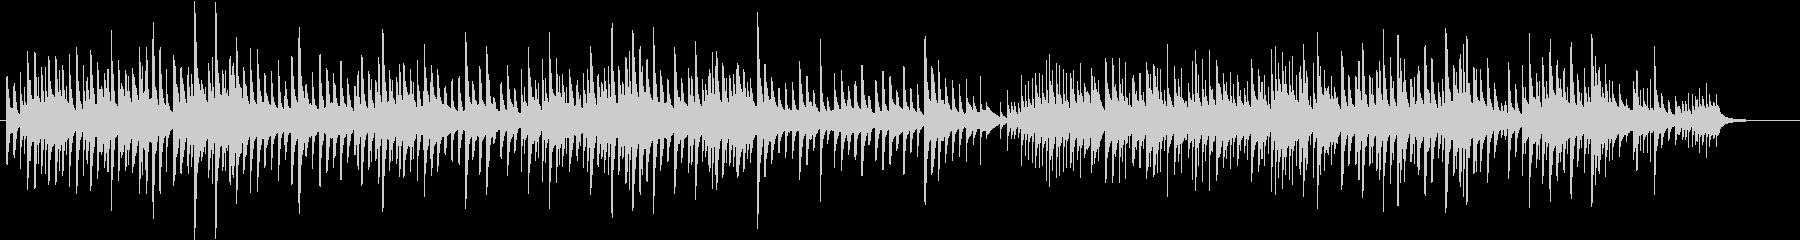 ほのぼのとしたオルゴールのBGMの未再生の波形